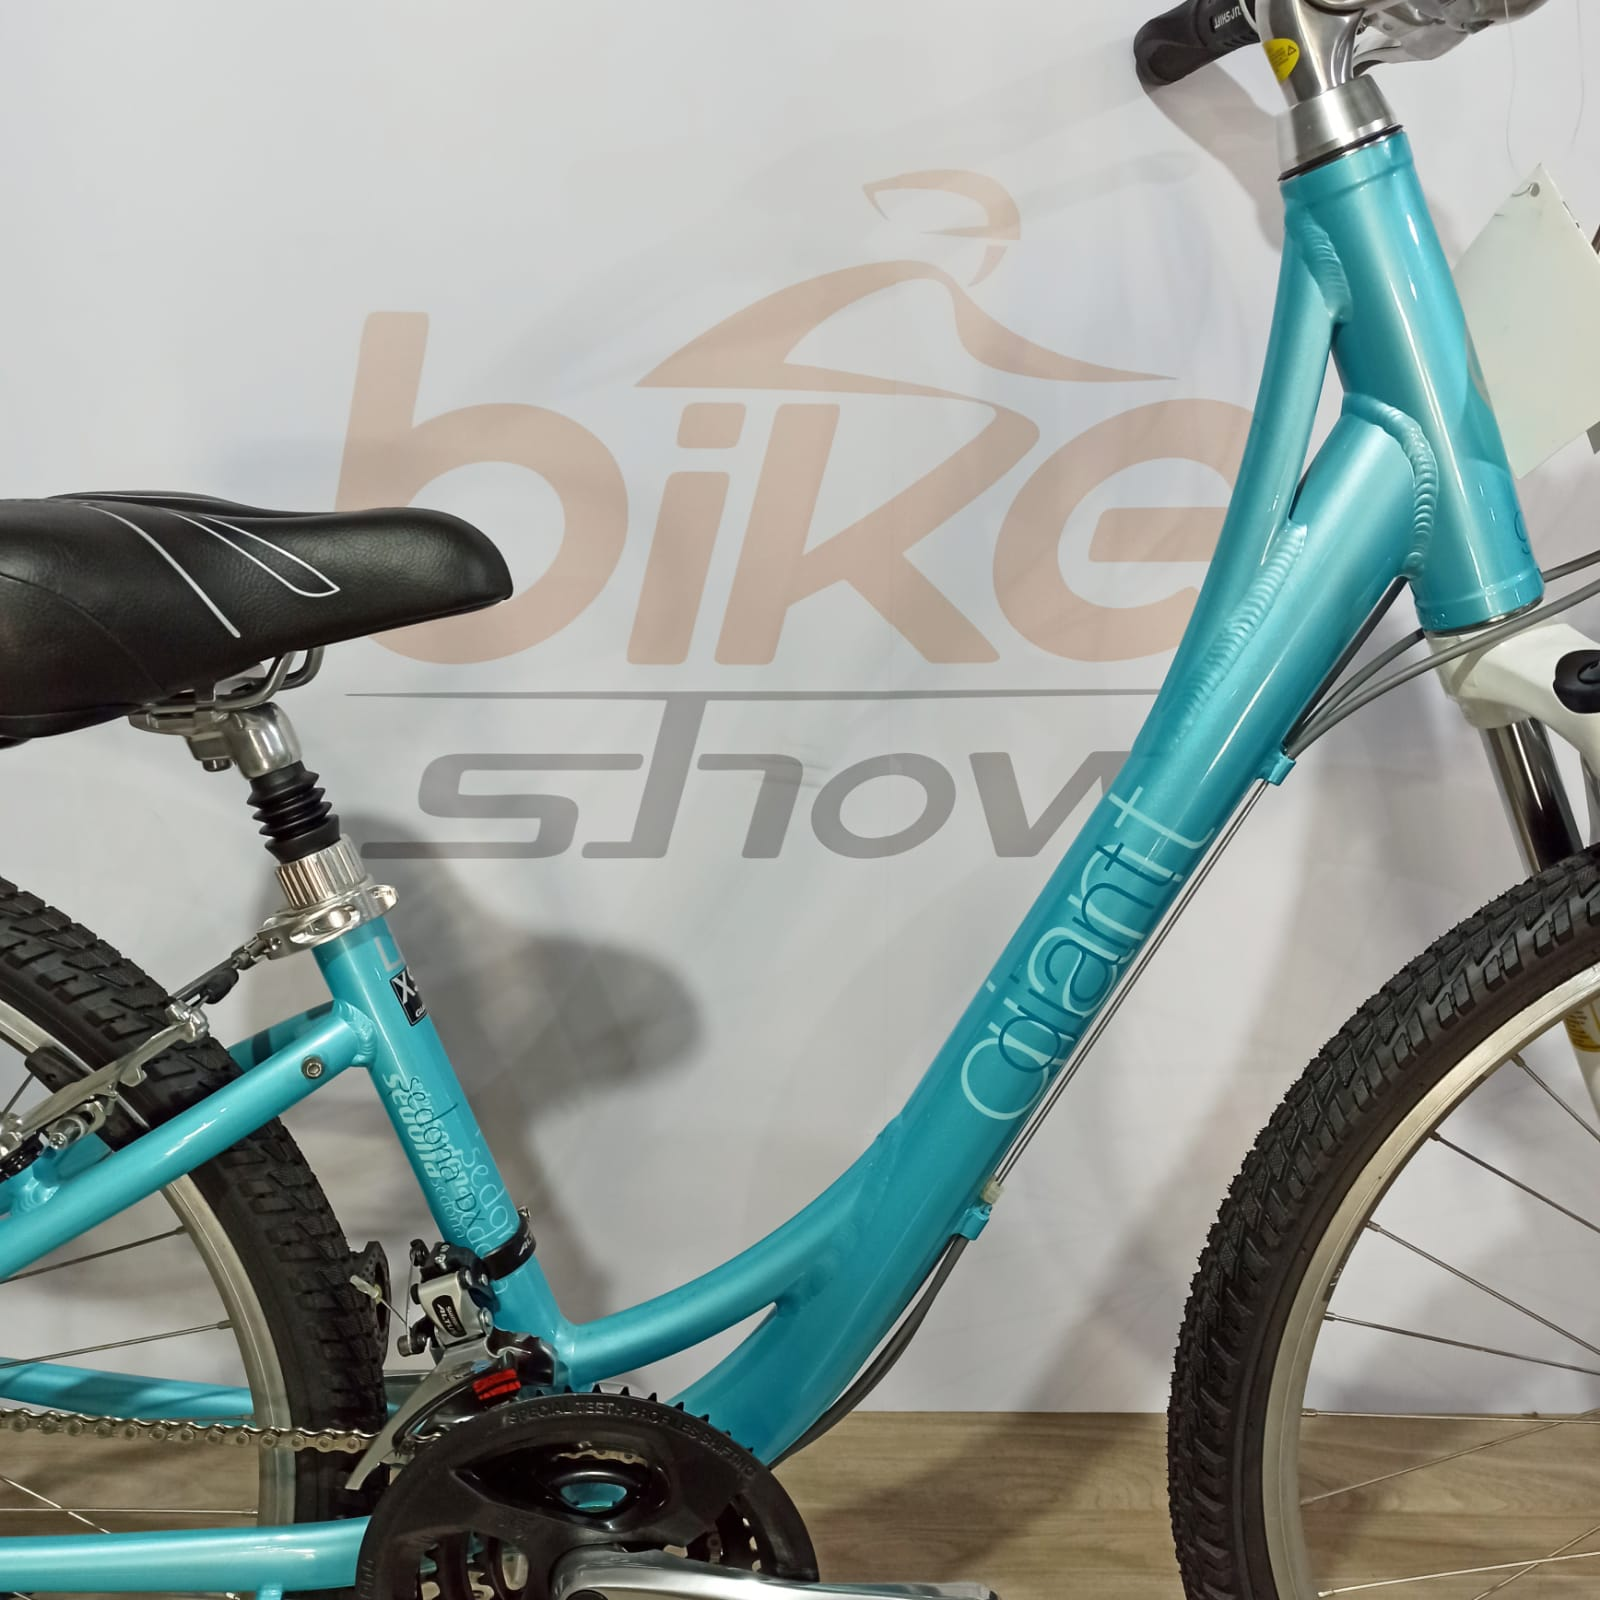 Bicicleta GIANT Sedona DX aro 26 - 24v Shimano Altus - Suspensão Suntour SR